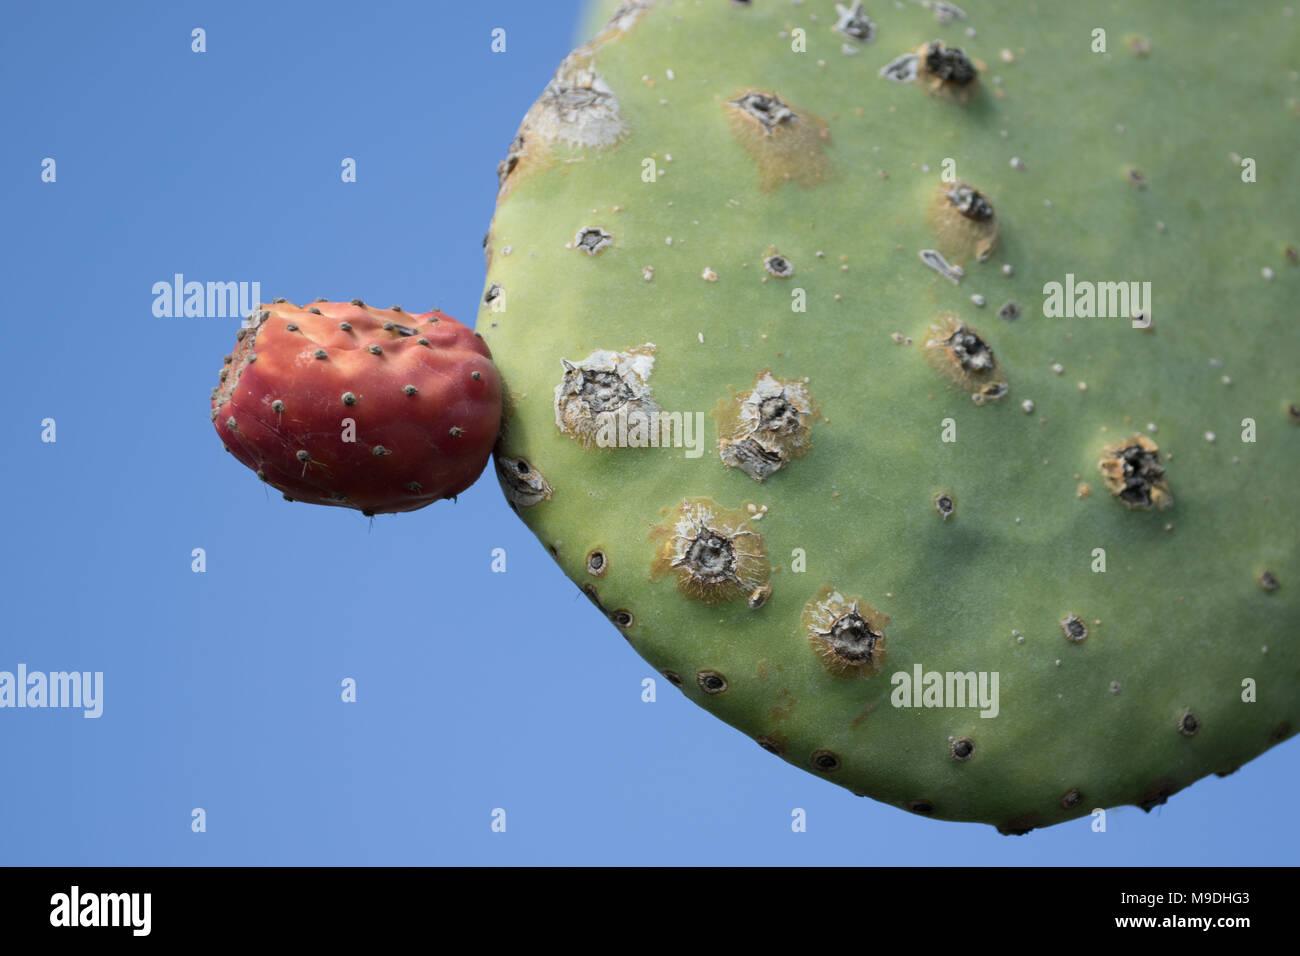 Feigenkaktus (Opuntia) cactus Paddel und rote Früchte vor blauem Himmel in Paphos District von Zypern, Mittelmeer, Europa Stockbild